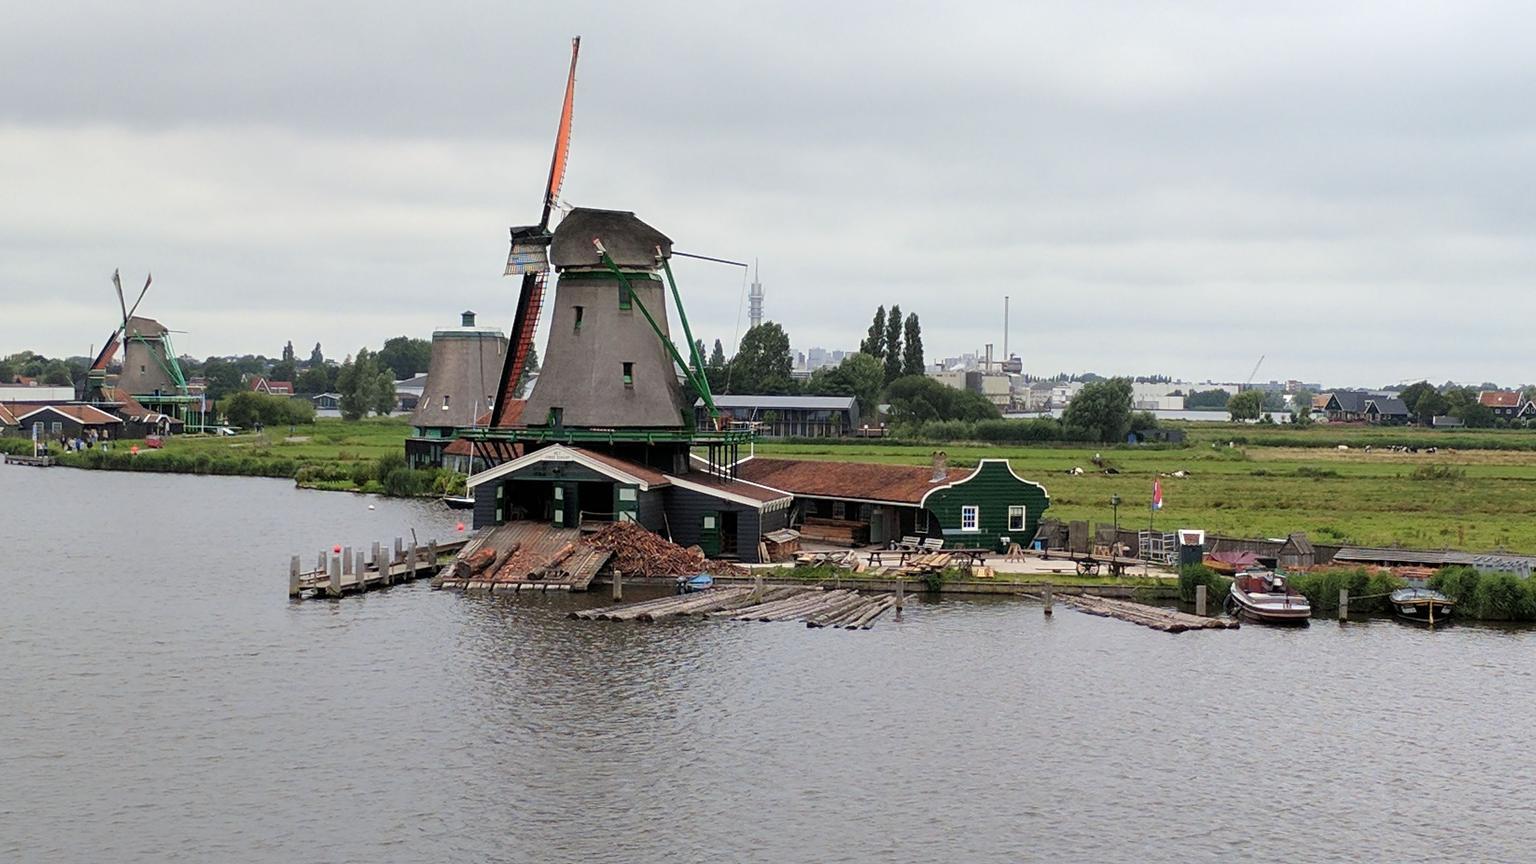 MÁS FOTOS, Recorrido privado personalizable desde Ámsterdam o el aeropuerto de Schiphol